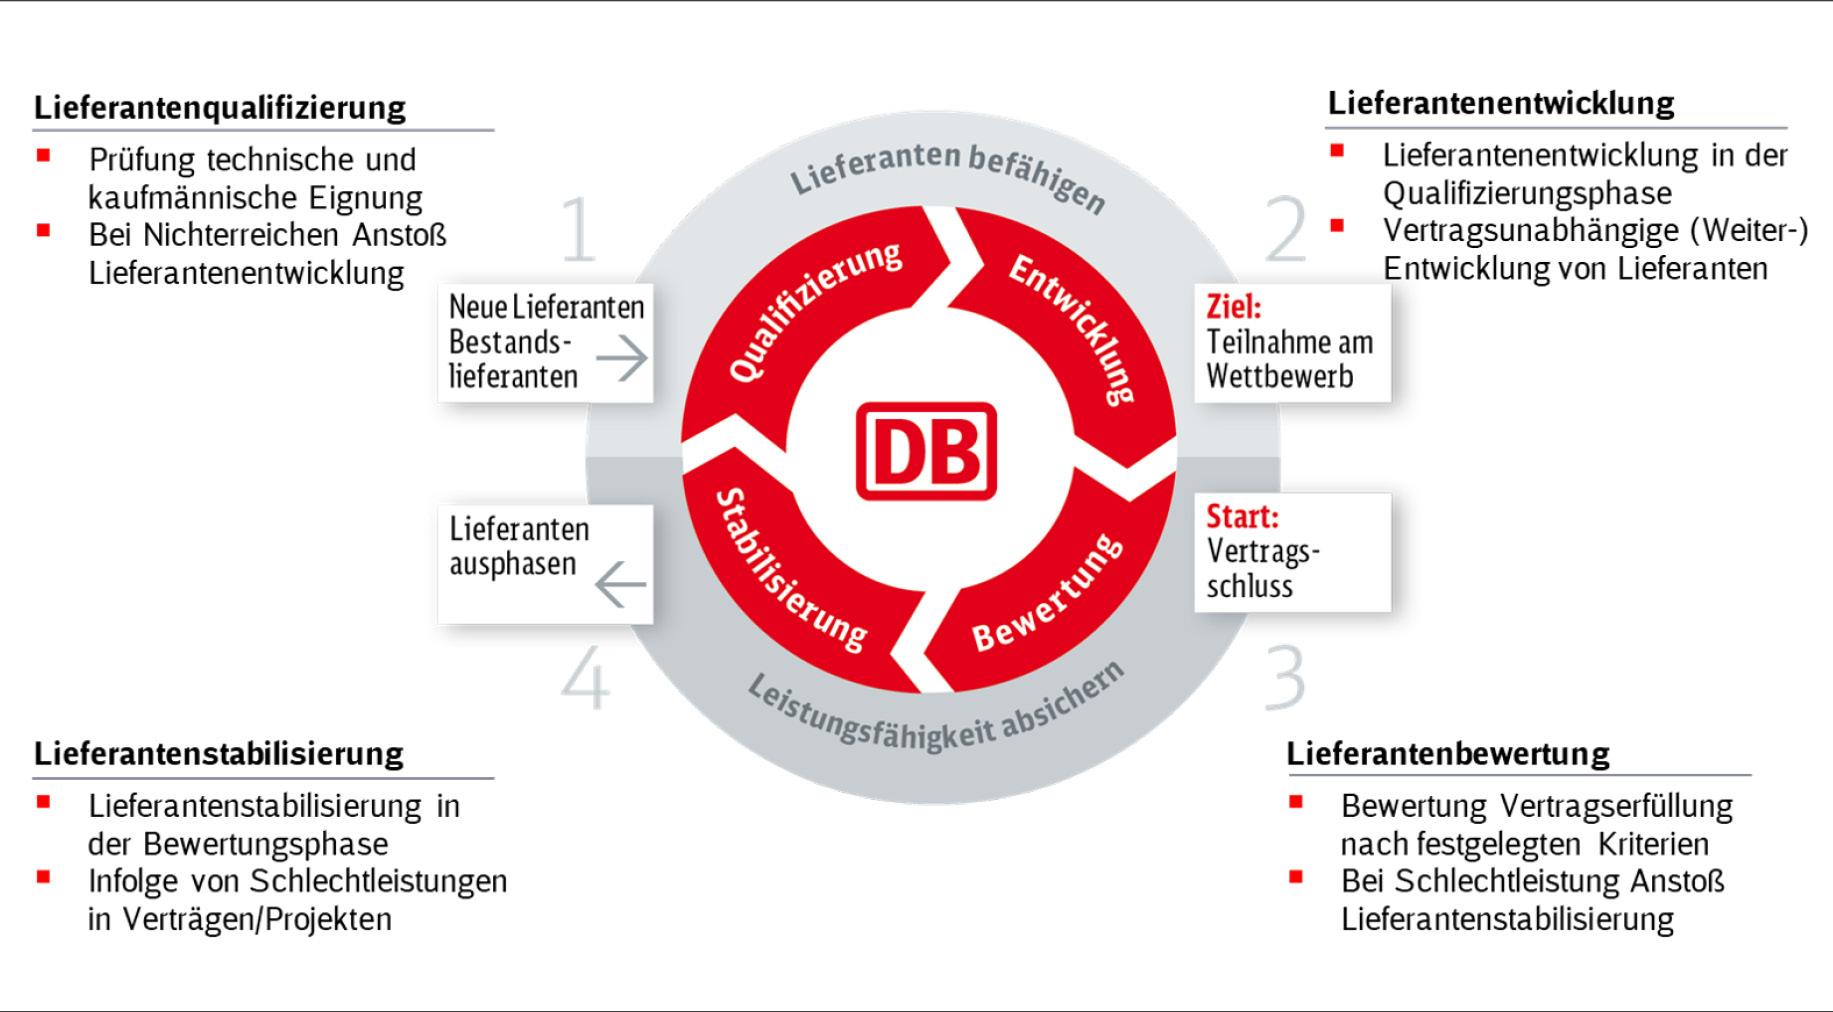 Grafik zum Lieferantenmanagement der DB